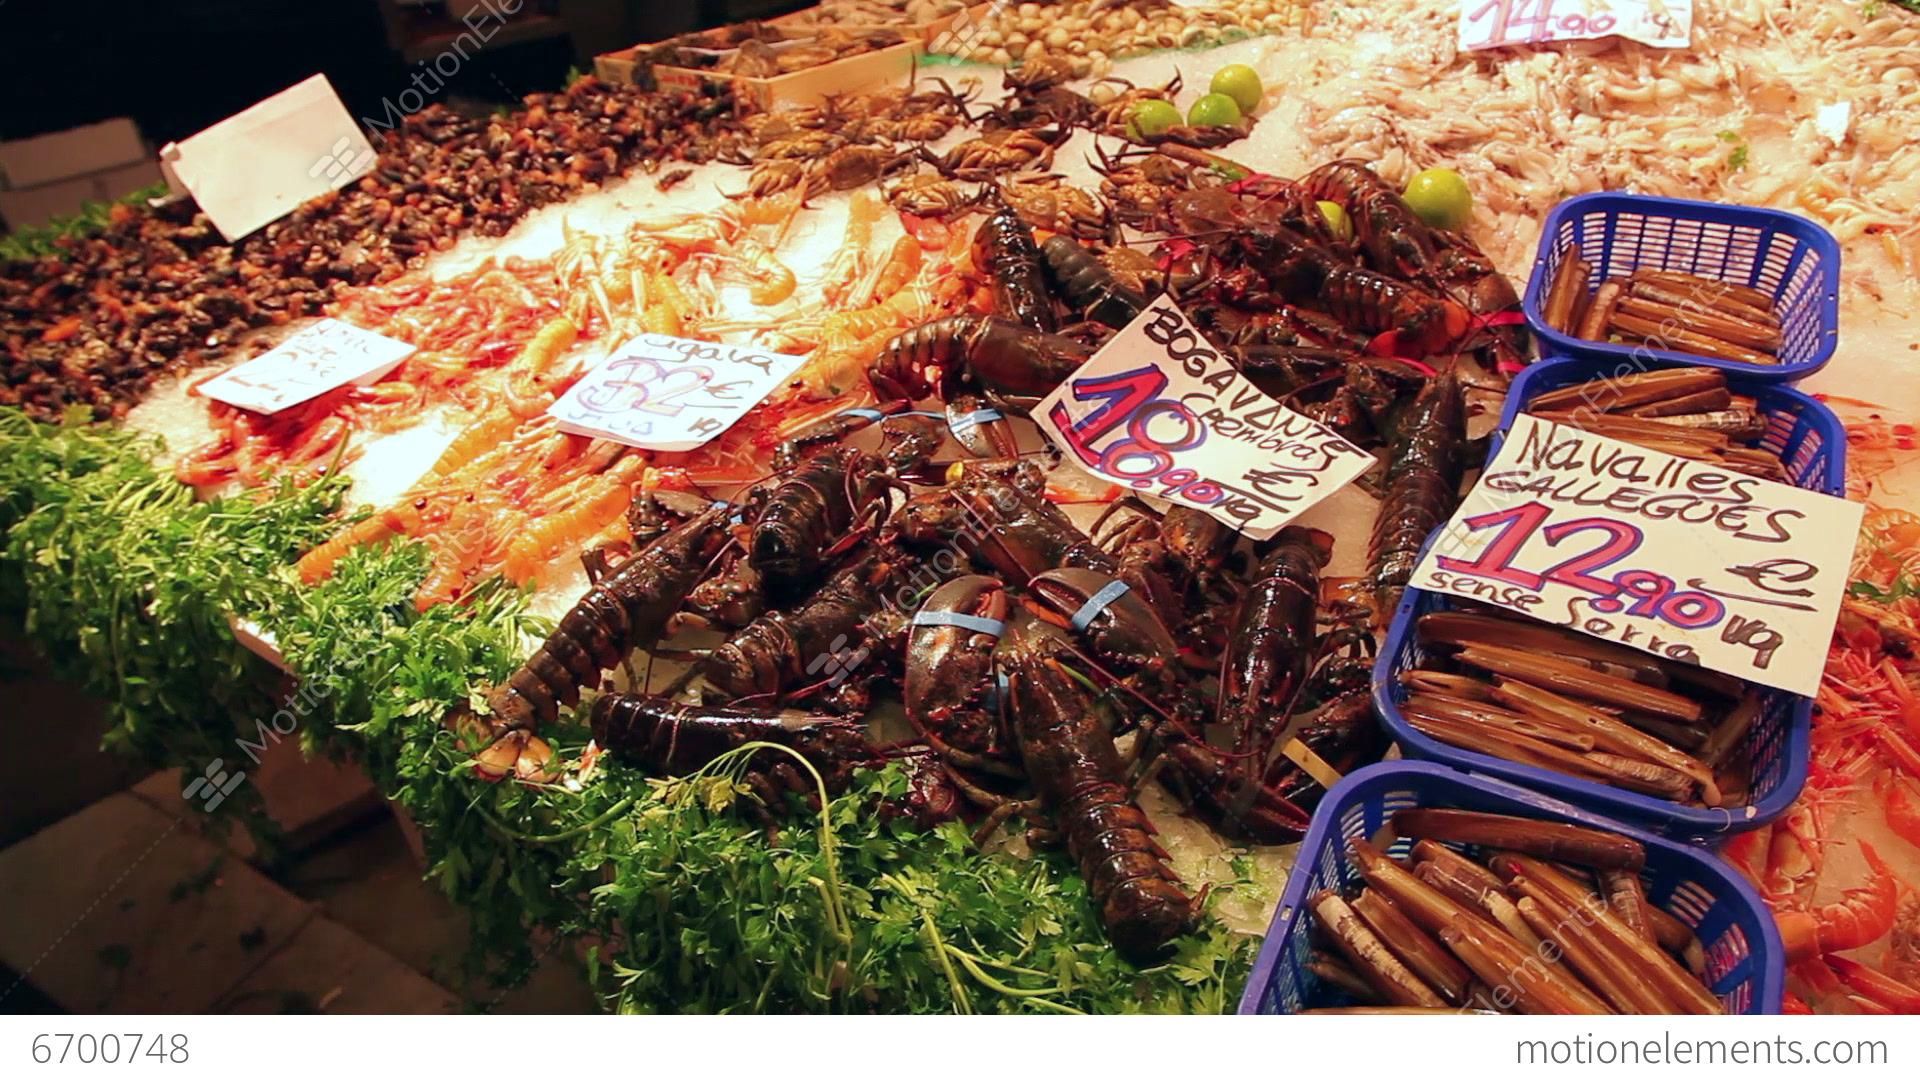 Seafood and fish market la boqueria barcelona stock video for La fish market